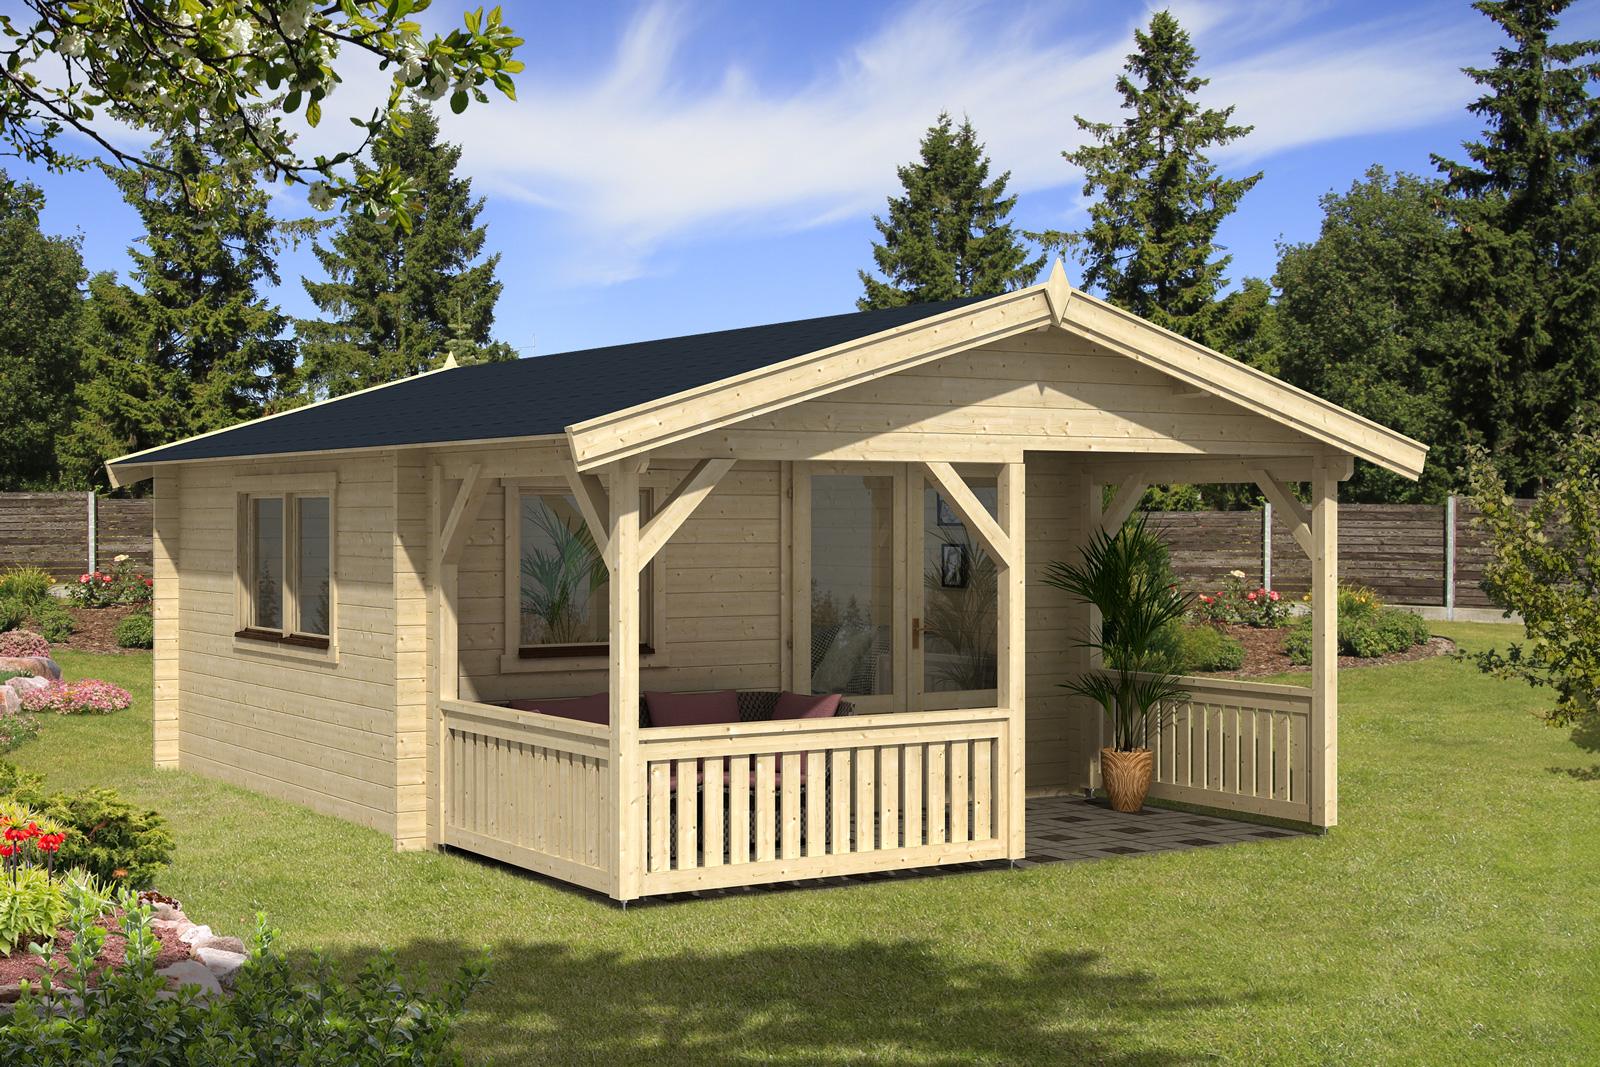 gartenhaus modell flex 50 b mit 200cm terrasse 4x4 2. Black Bedroom Furniture Sets. Home Design Ideas